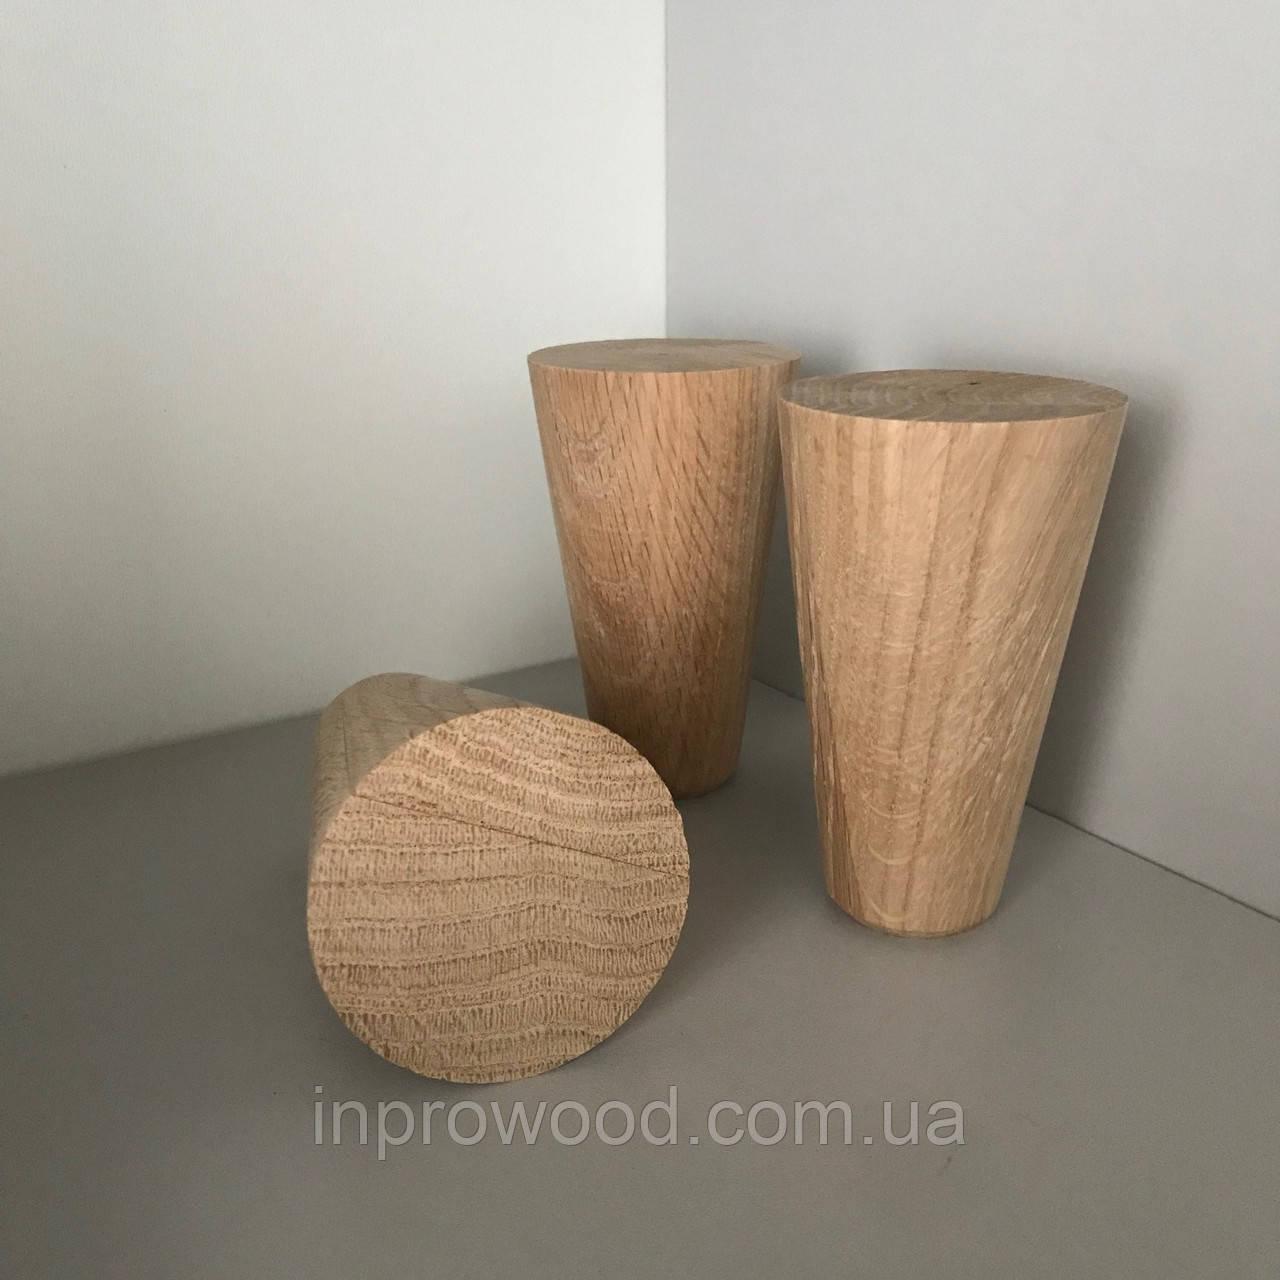 Деревяннае меблева ніжка, меблева опора Дуб 100 мм